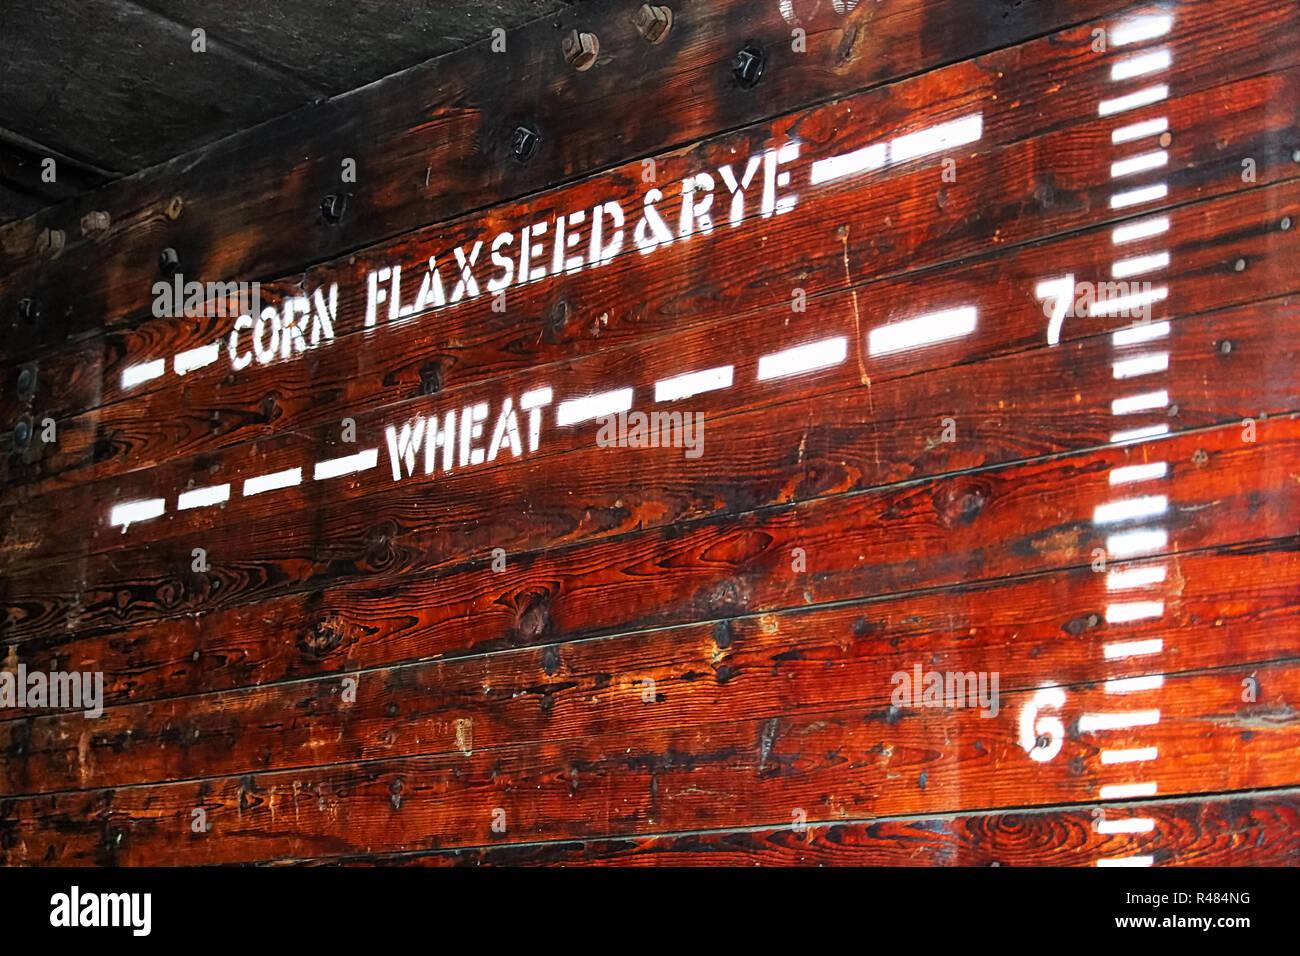 Indicateurs de hauteur pour divers grains dans une vieille voiture à grain Photo Stock